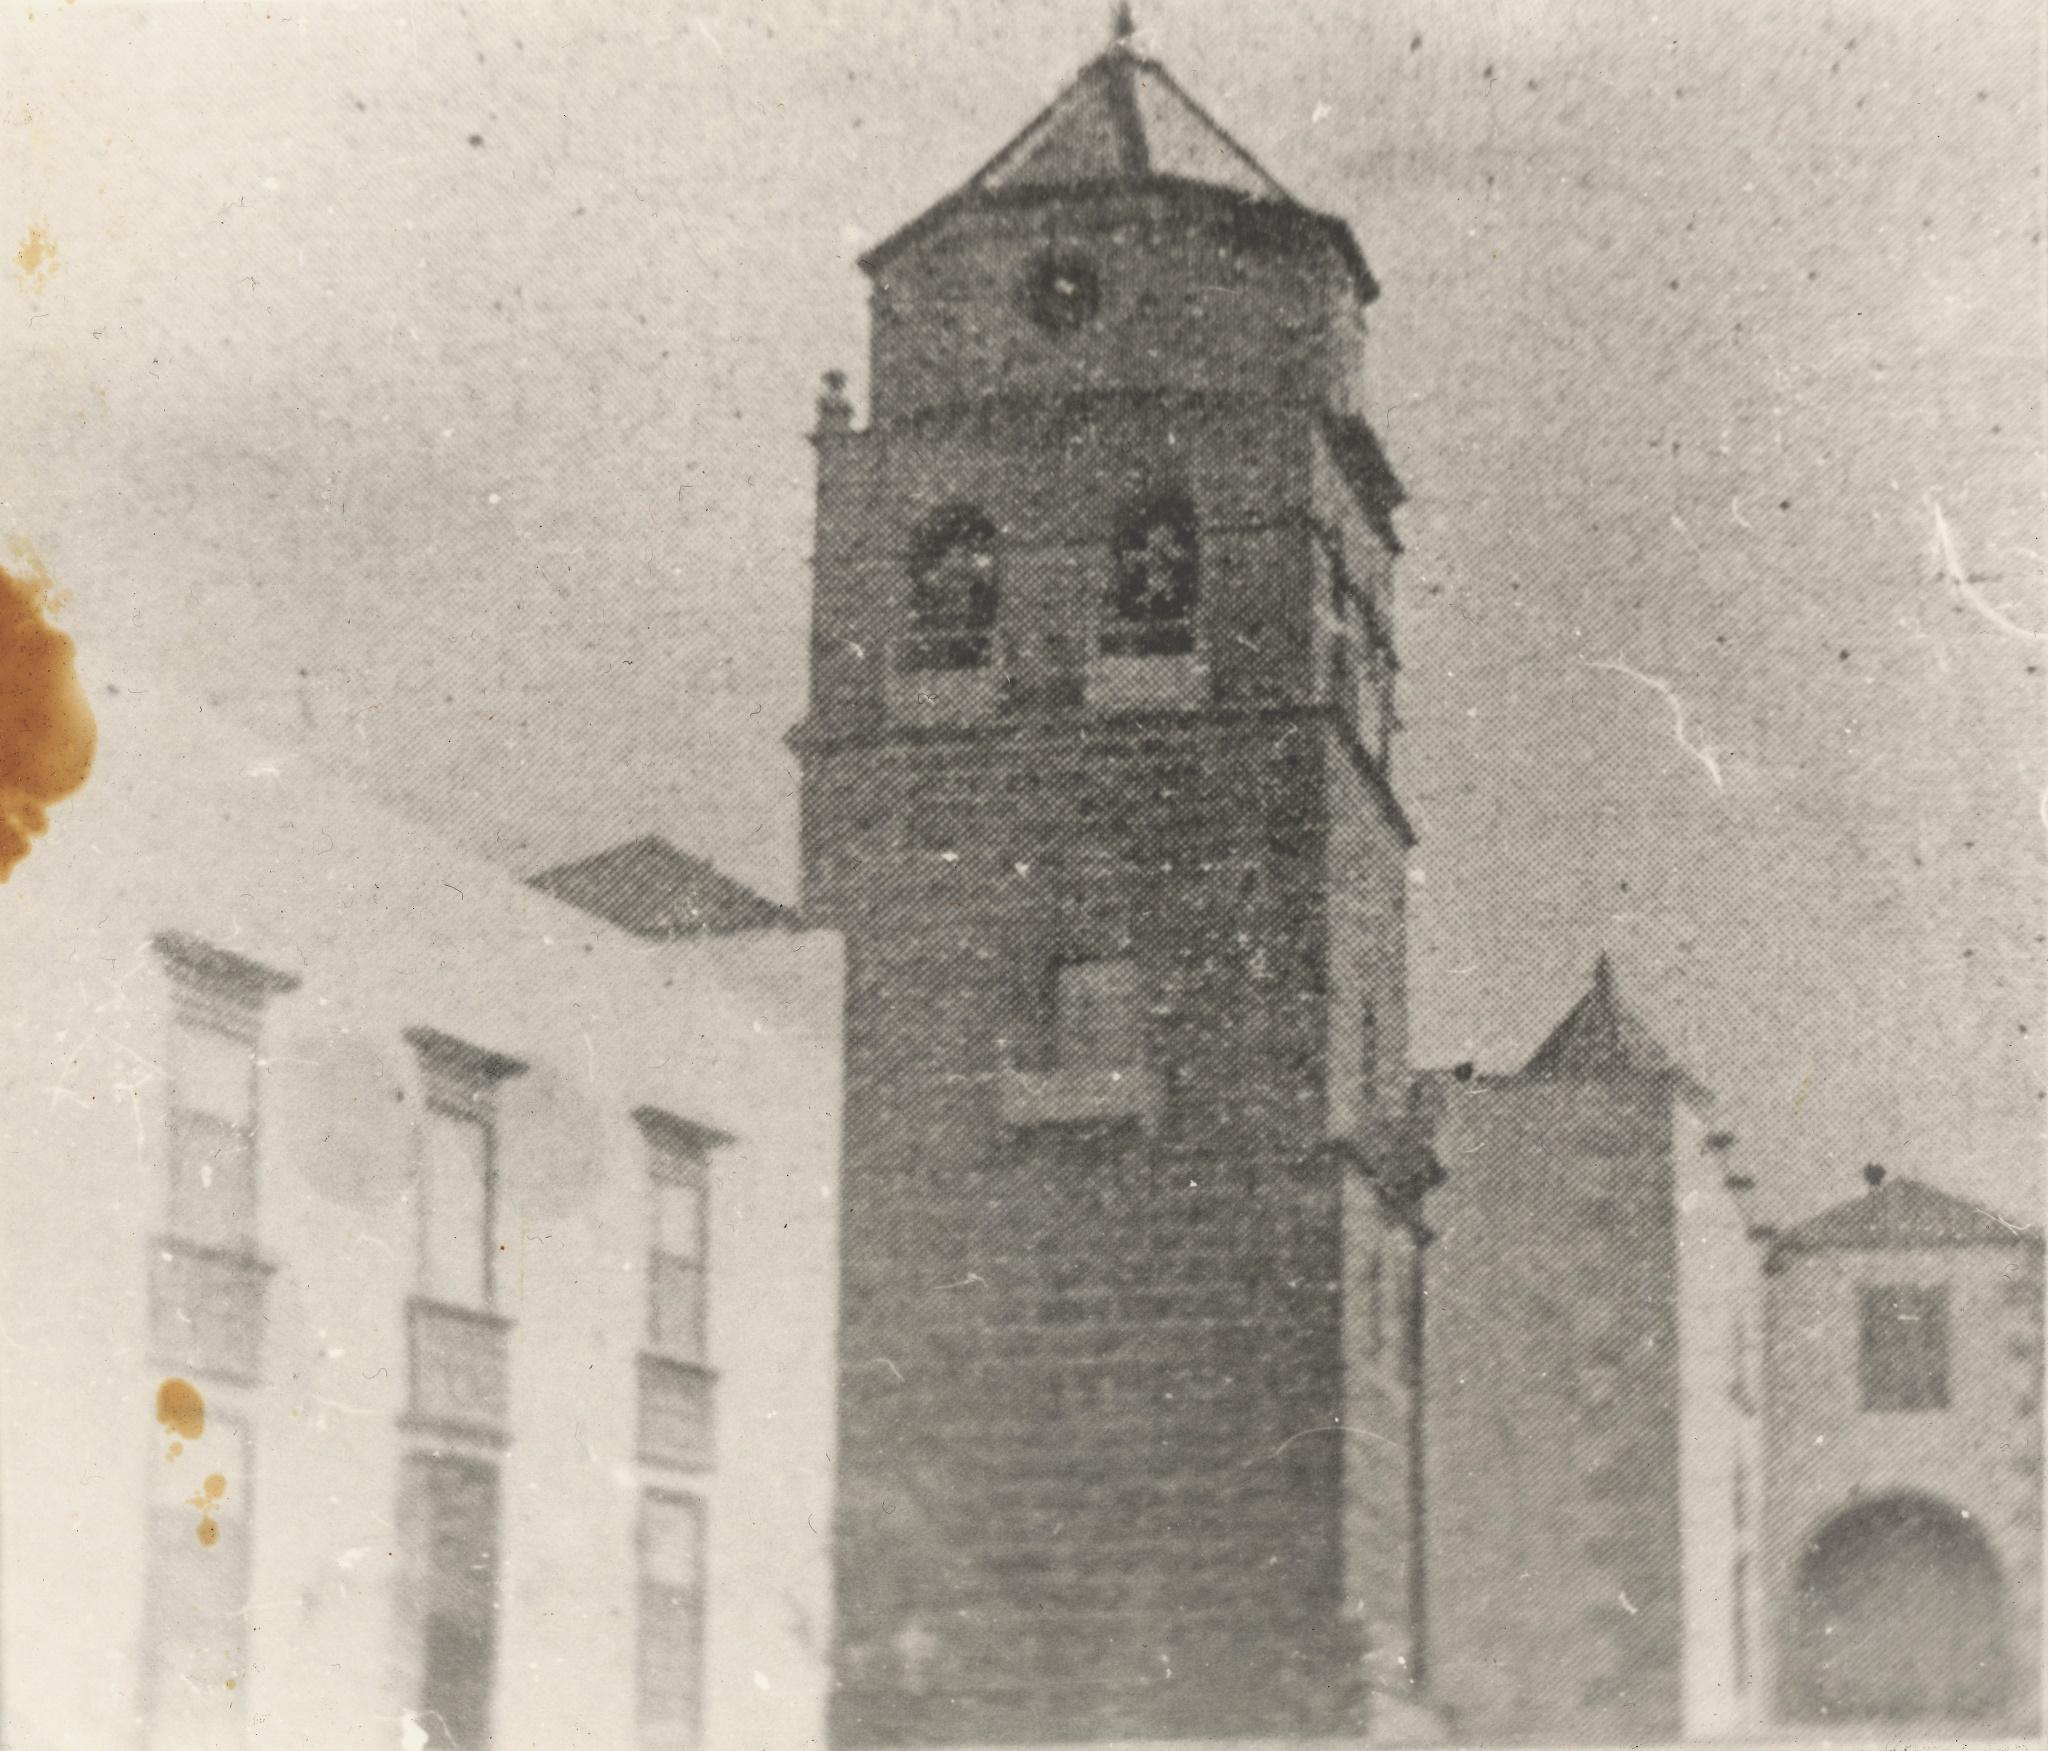 La iglesia en 1900